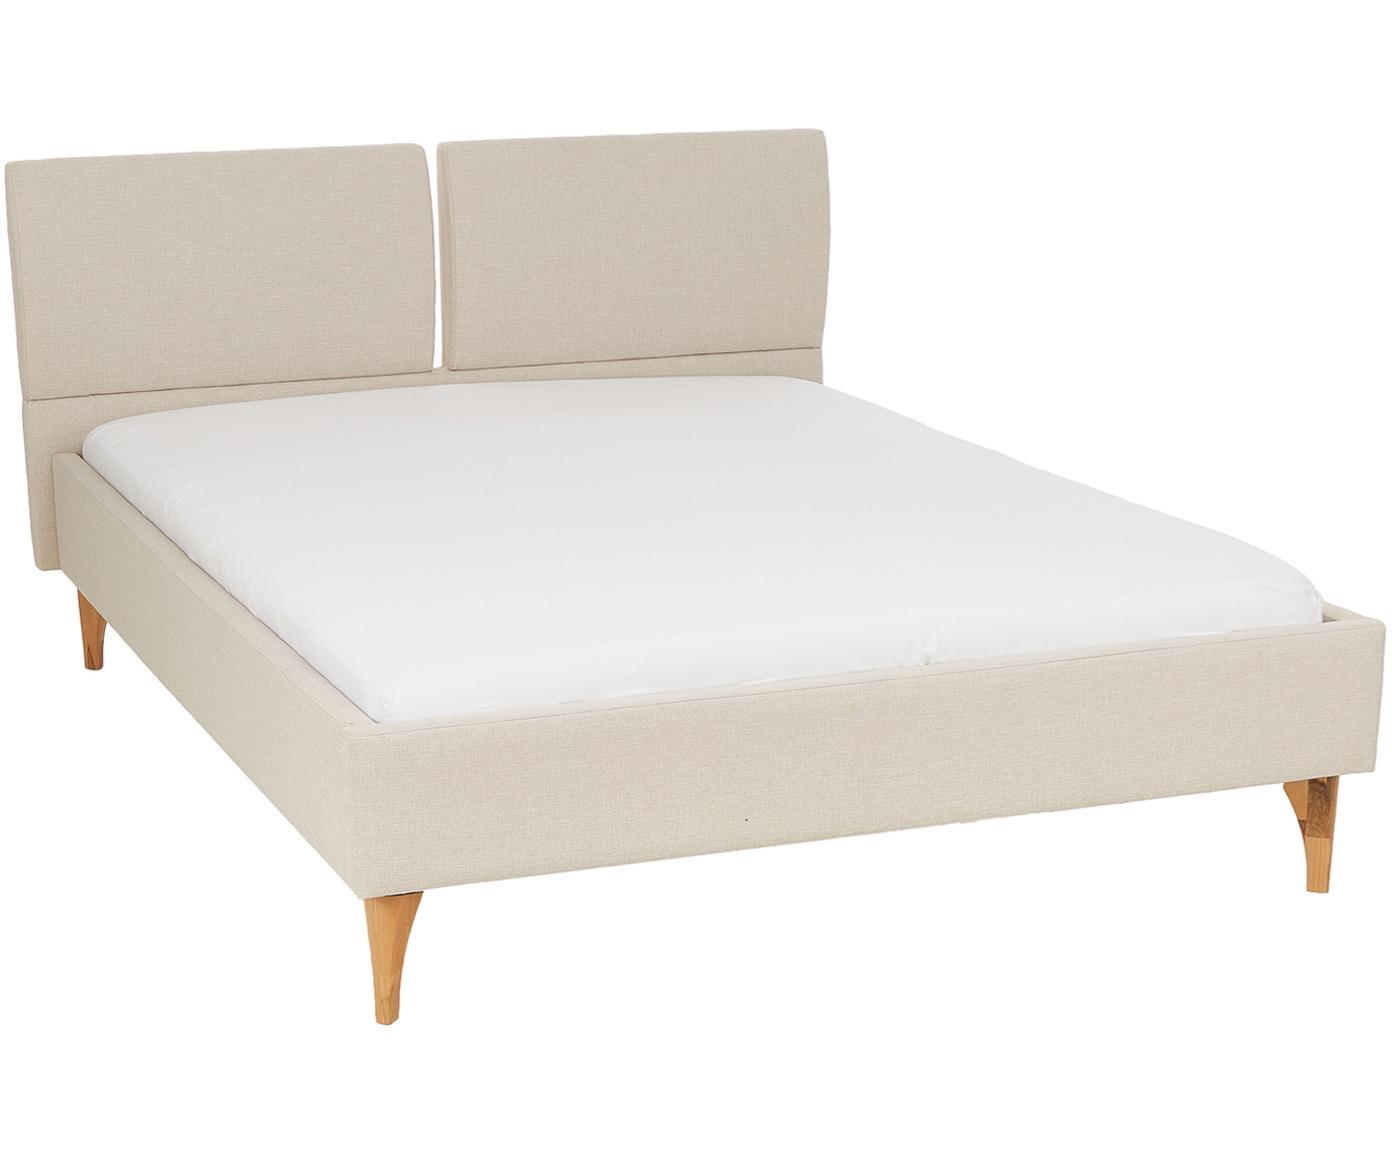 Łóżko tapicerowane  z zagłówkiem Tamara, Tapicerka: poliester, Nogi: drewno twardzielowe, olej, Beżowy, drewno twardzielowe, 160 x 200 cm